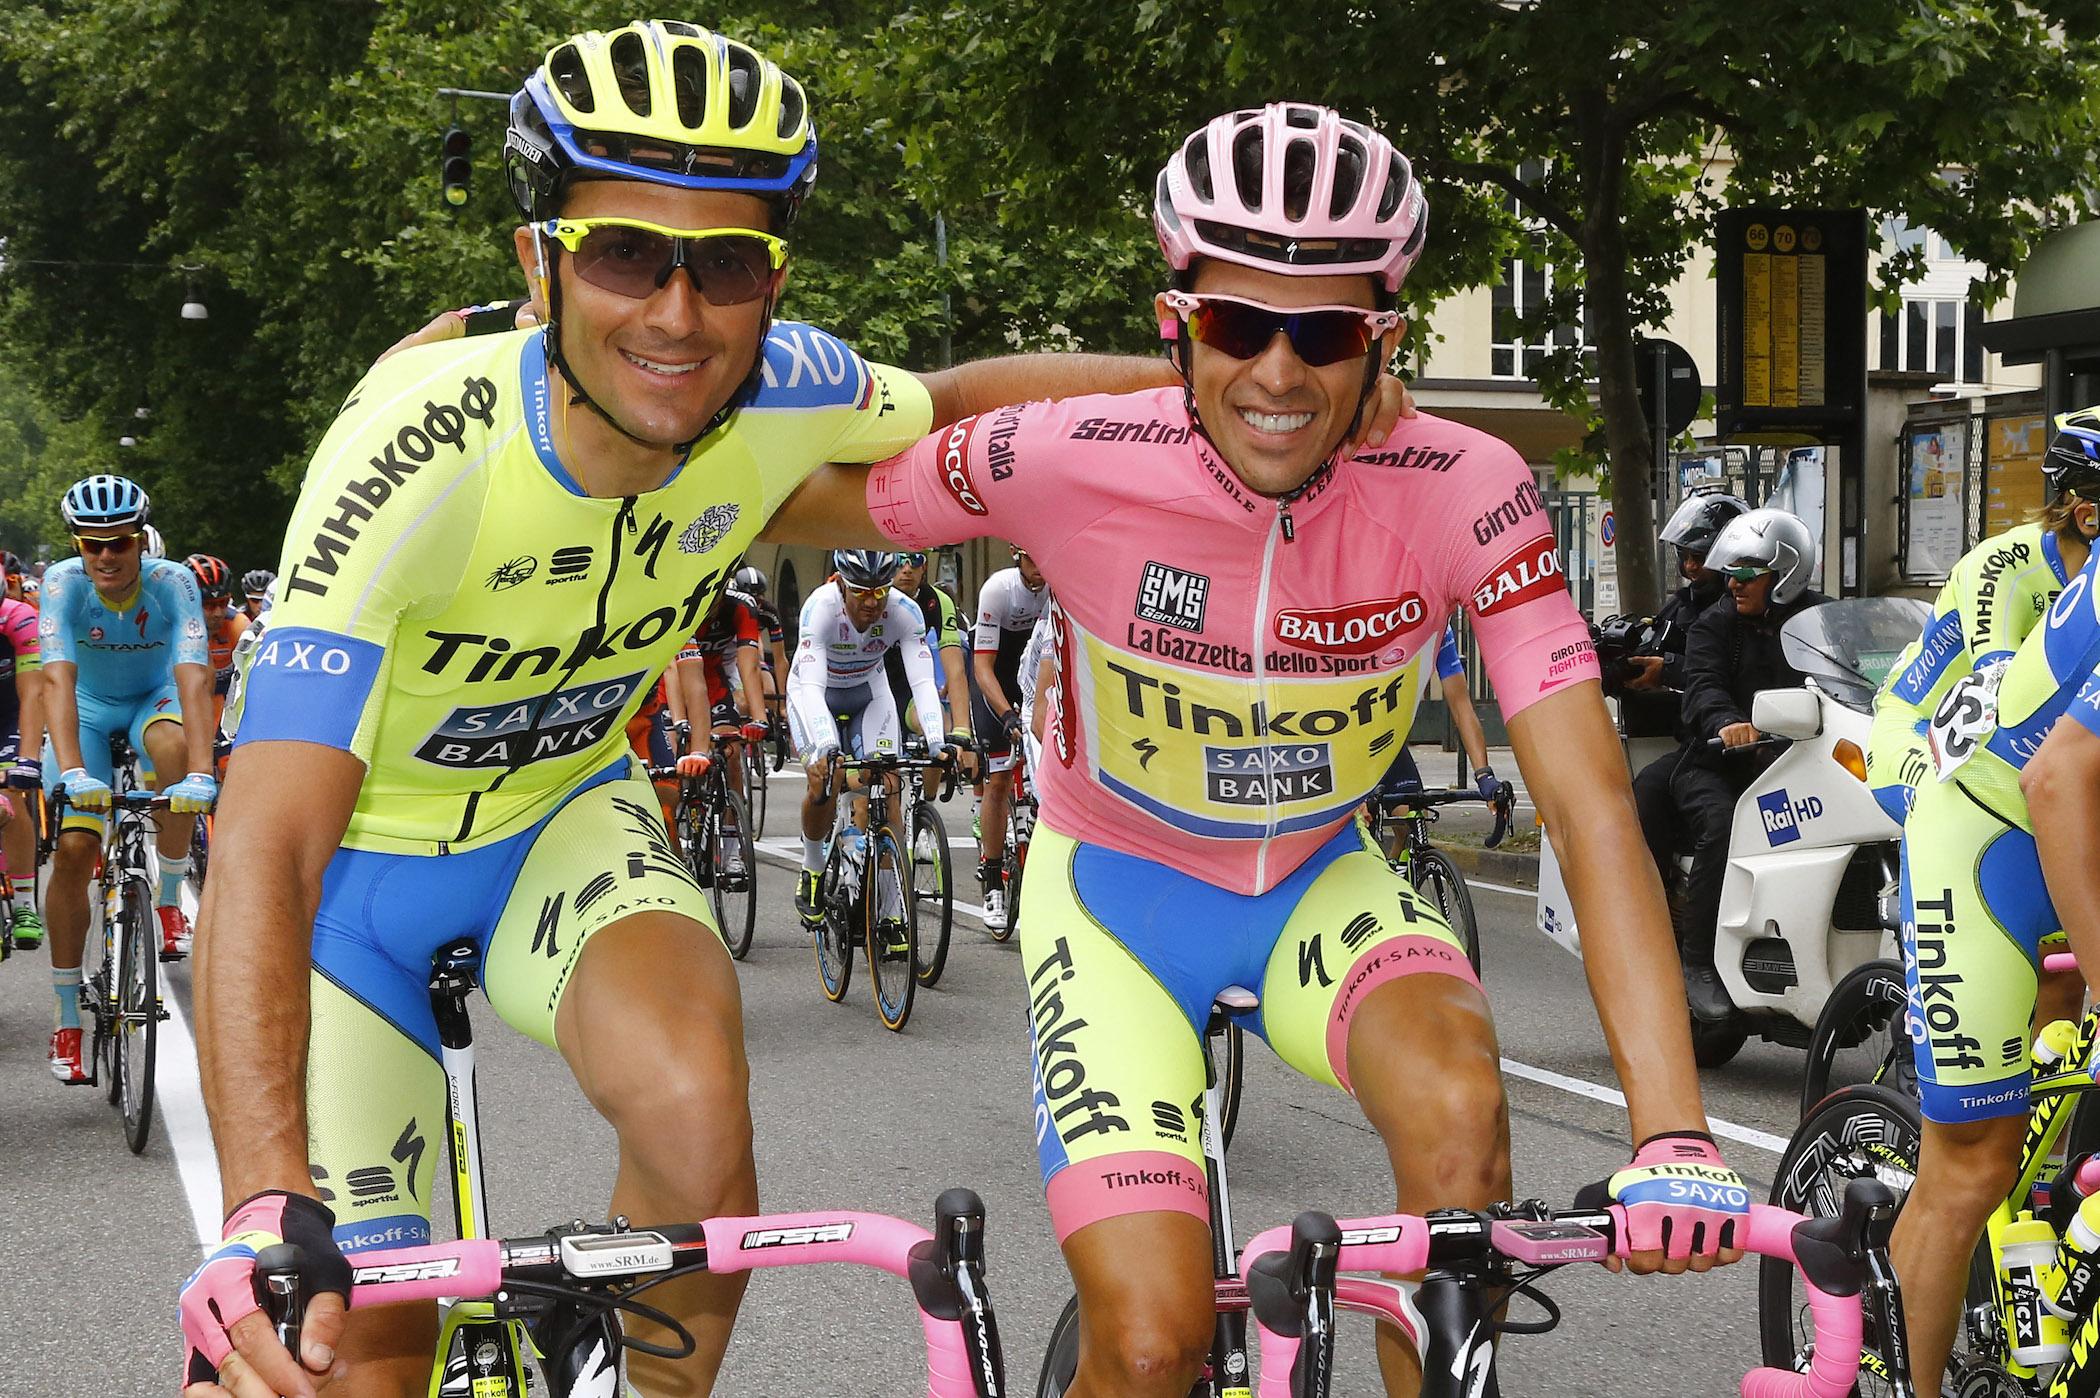 Basso y Contador en el Giro © Tinkoff